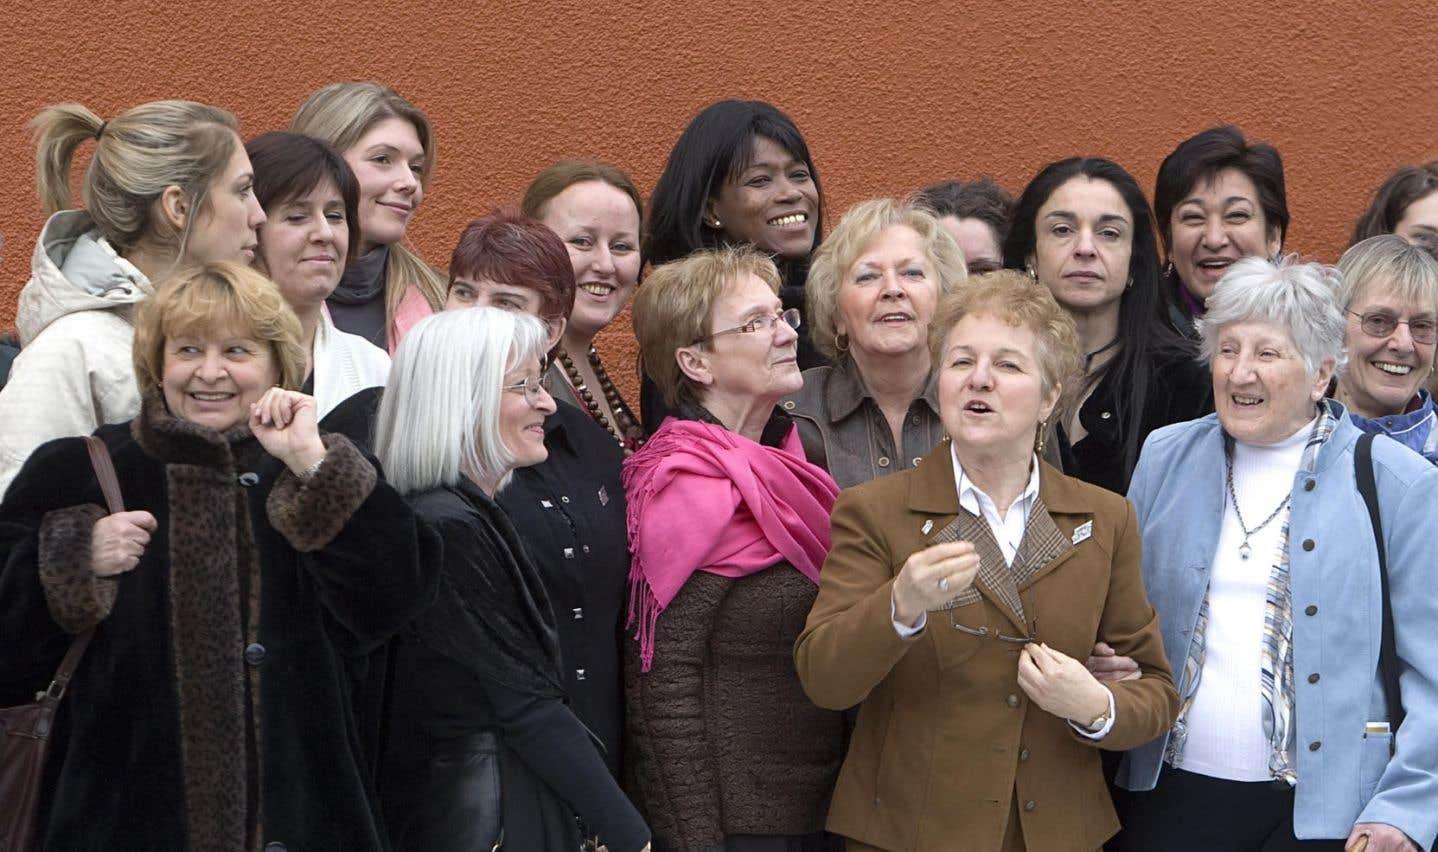 Beaucoup de distinctions sont encore faites entre différents groupes de femmes dans les travaux historiques portant sur elles.